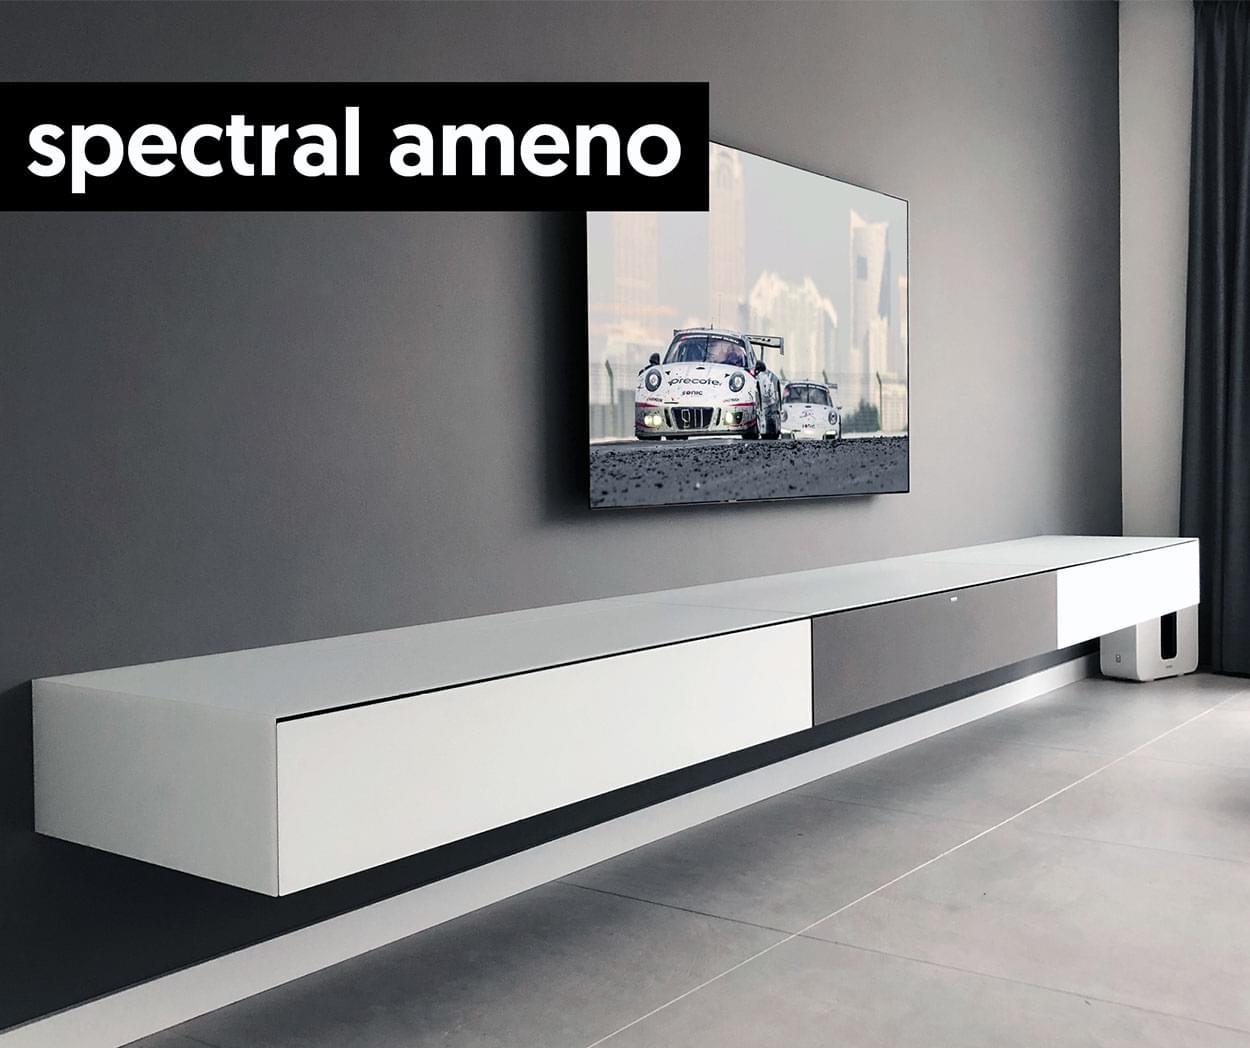 ameno-tv-meubel-speakerdoek